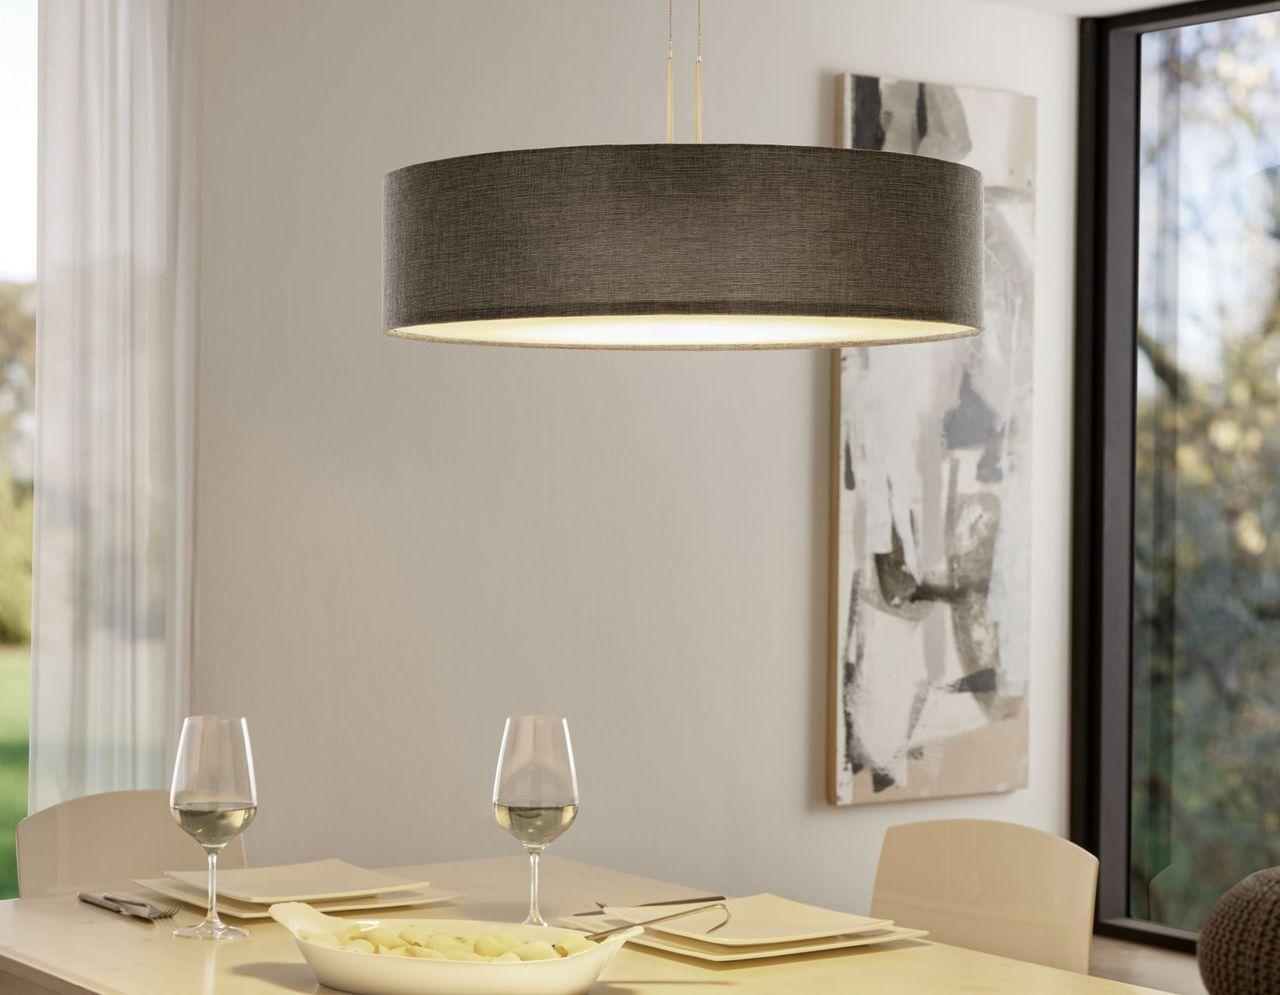 Подвесной светодиодный светильник Eglo Romao 2 95339 eglo подвесной светильник eglo truro 2 49387